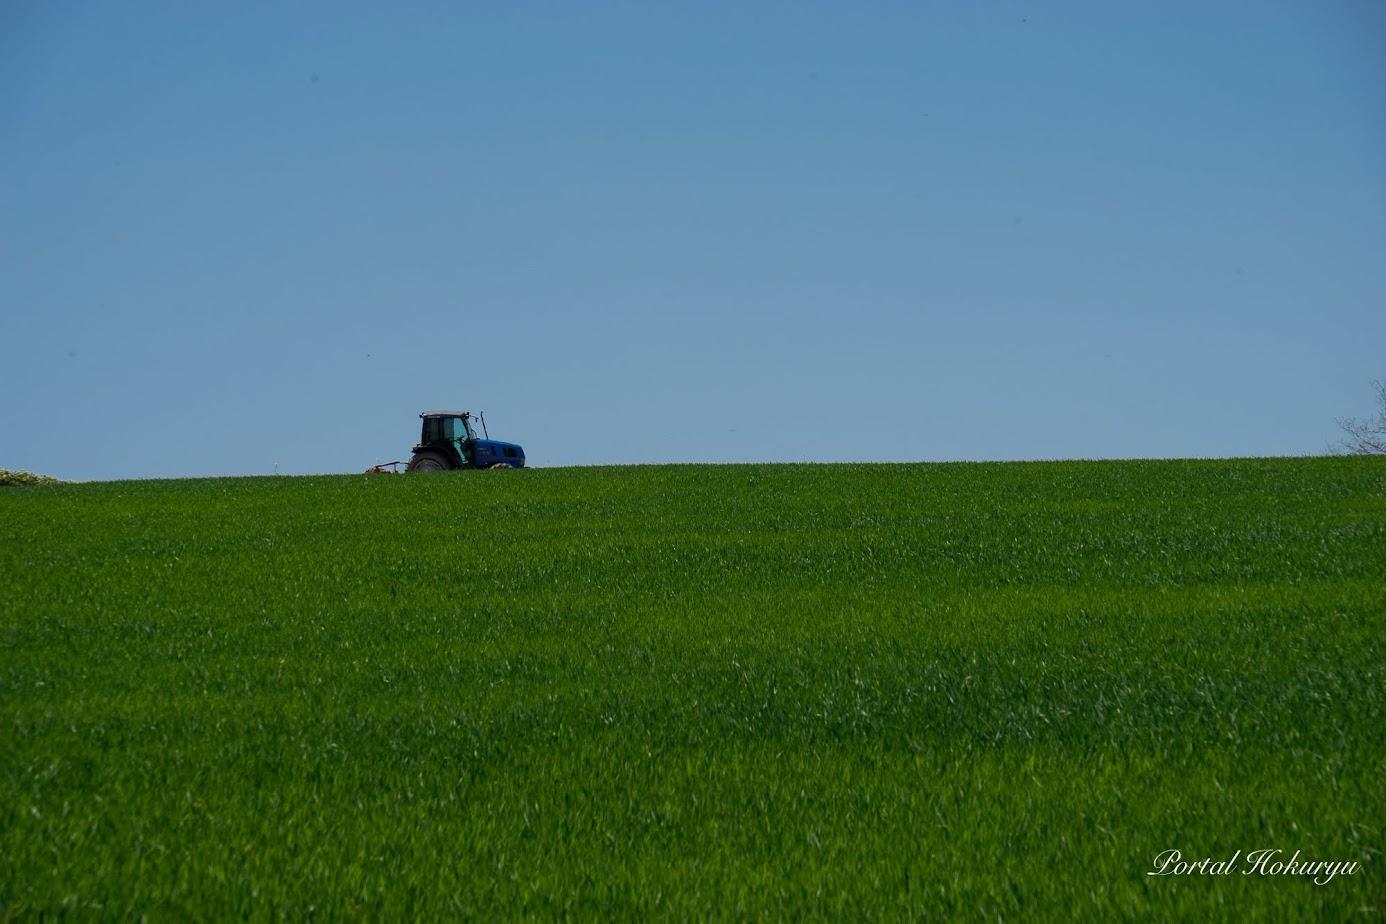 西の区画は緑肥で緑色